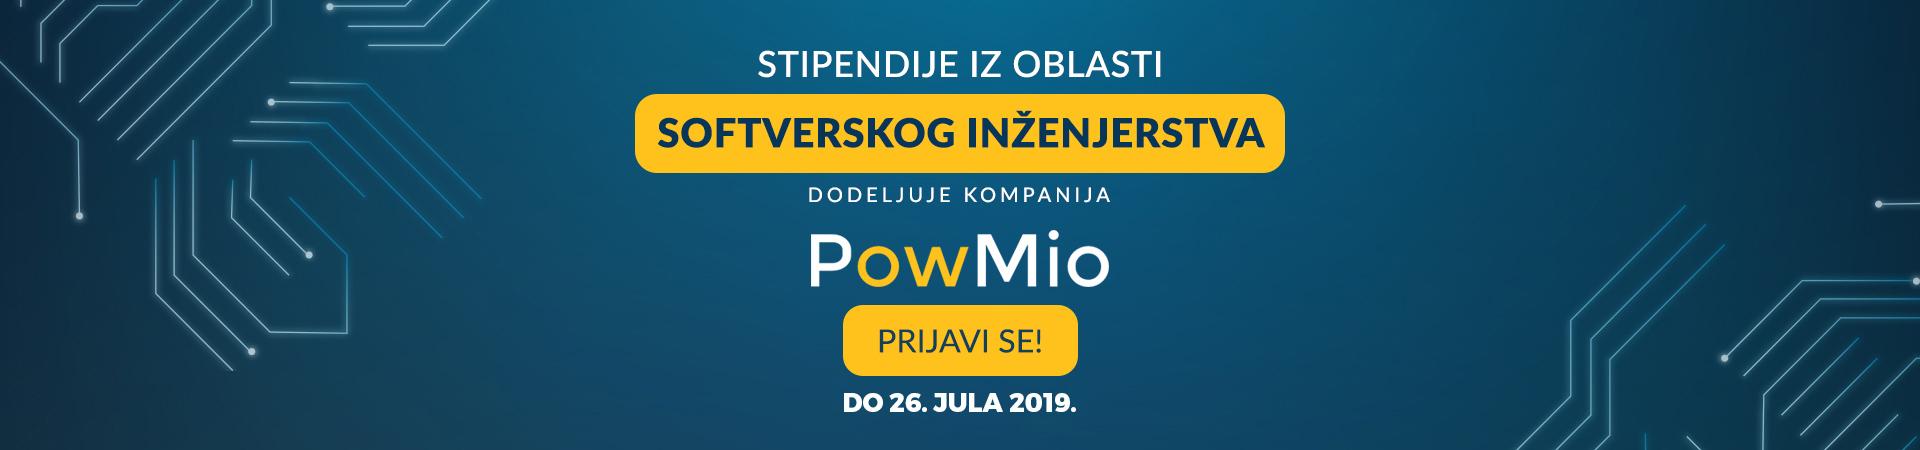 Stipendije iz oblasti Softverskog inženjerstva dodeljuje kompanija PowMio